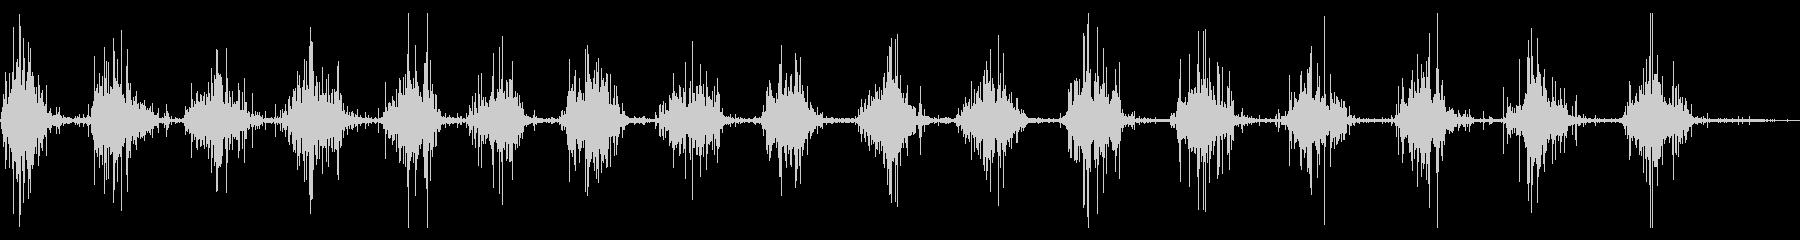 ファイバーグラスカヌー:シングルパ...の未再生の波形